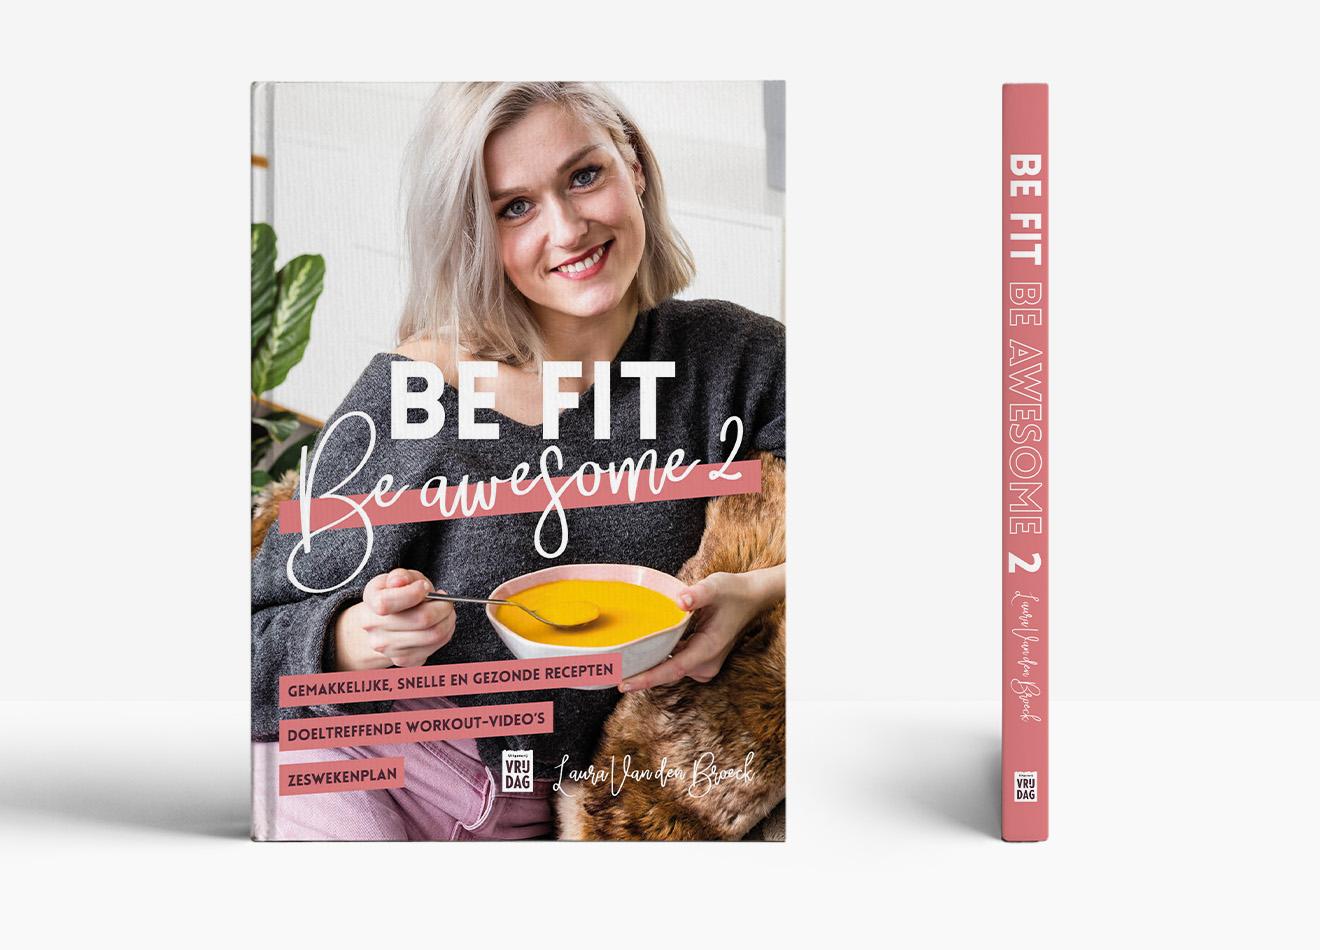 Boekverzorging Be fit, be awesome kook boek Laura Van den Broeck - Vera Post